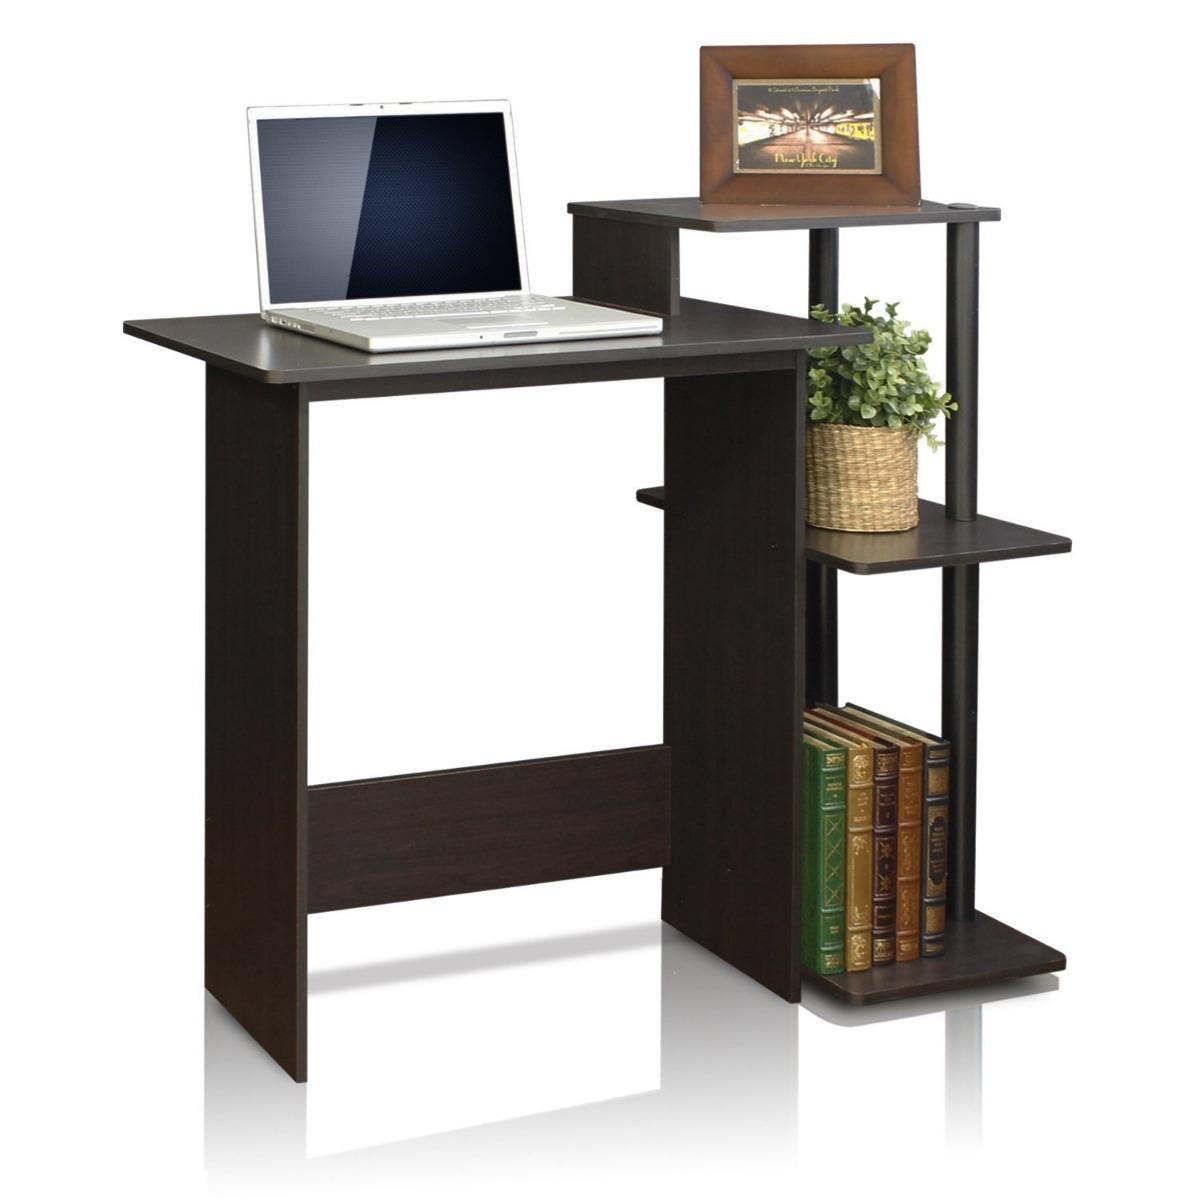 Escritorio Para Computadora Mueble Para Oficina O Recamara   97900 en Mercado Libre